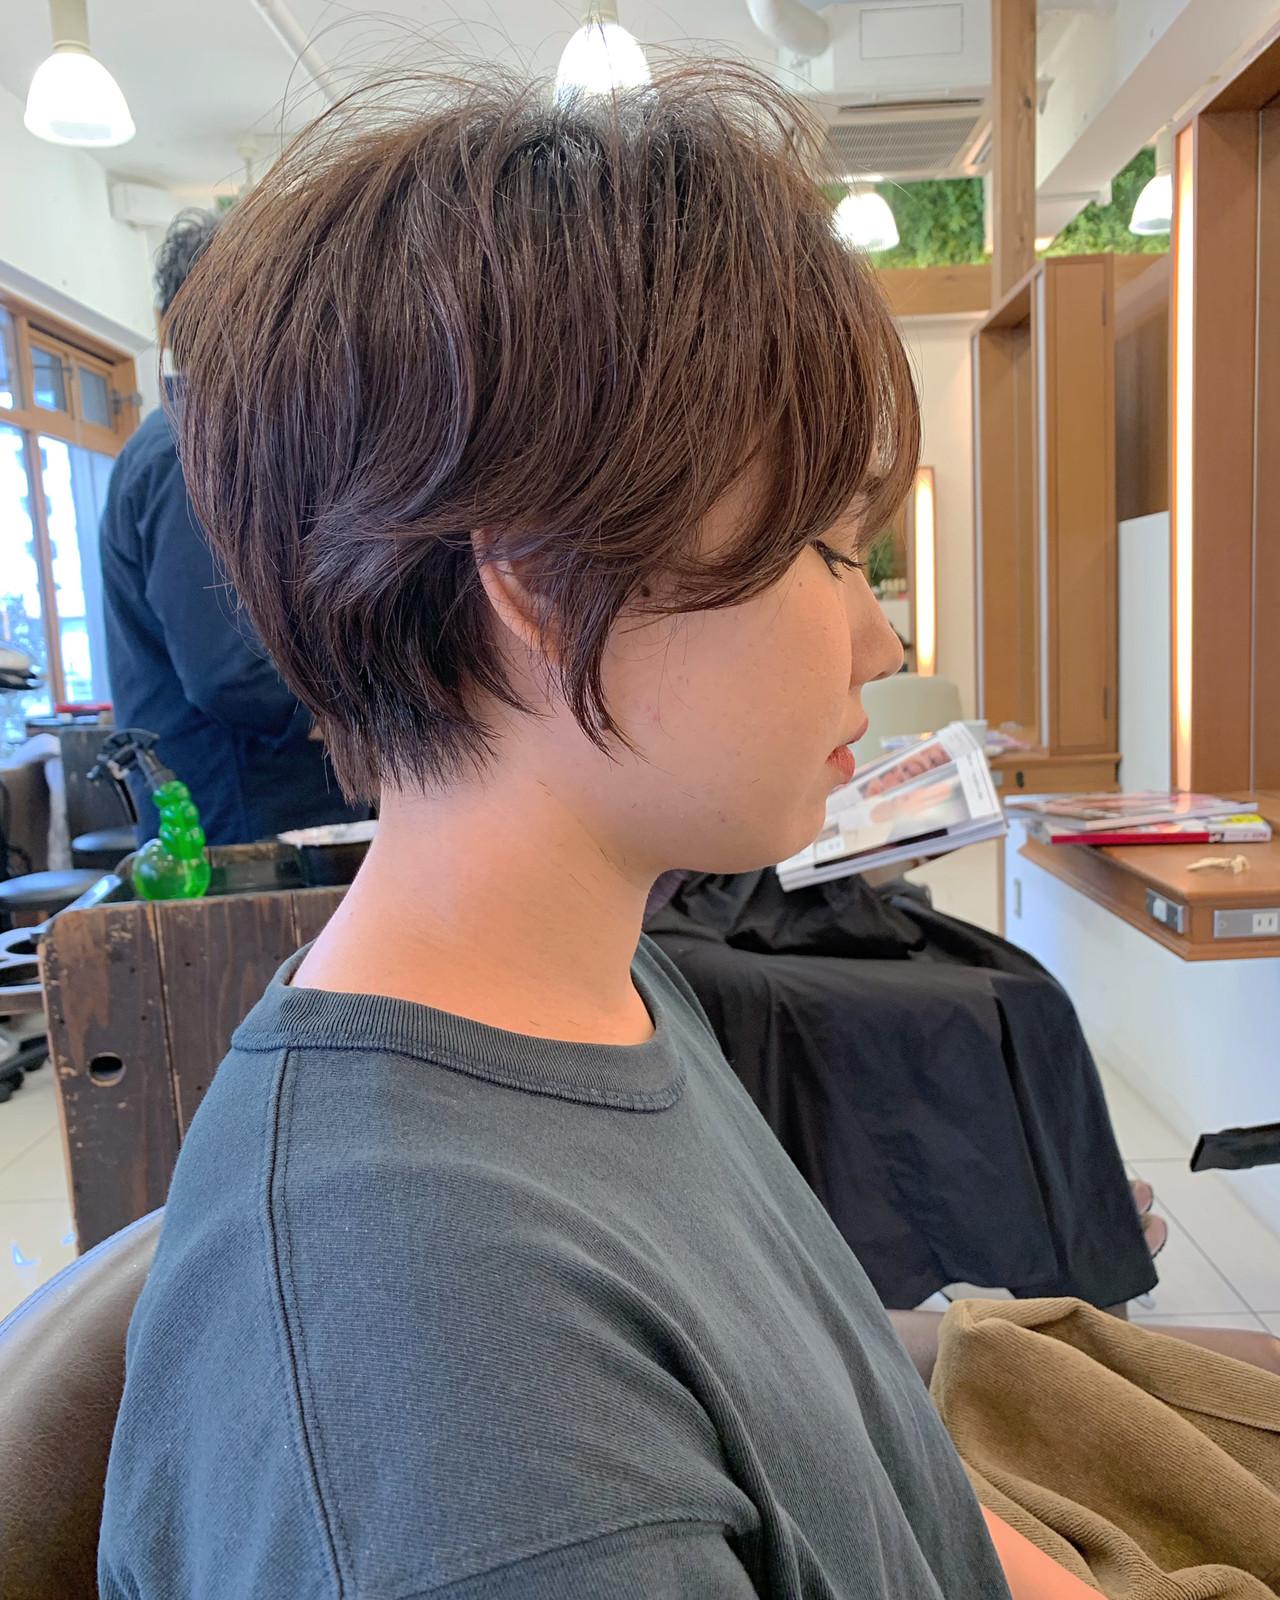 ふんわり  可愛い 大人可愛い ヘアスタイルや髪型の写真・画像 | 【つくば美容師】ショートヘア愛好家/矢崎 翔太 / ジールサロン